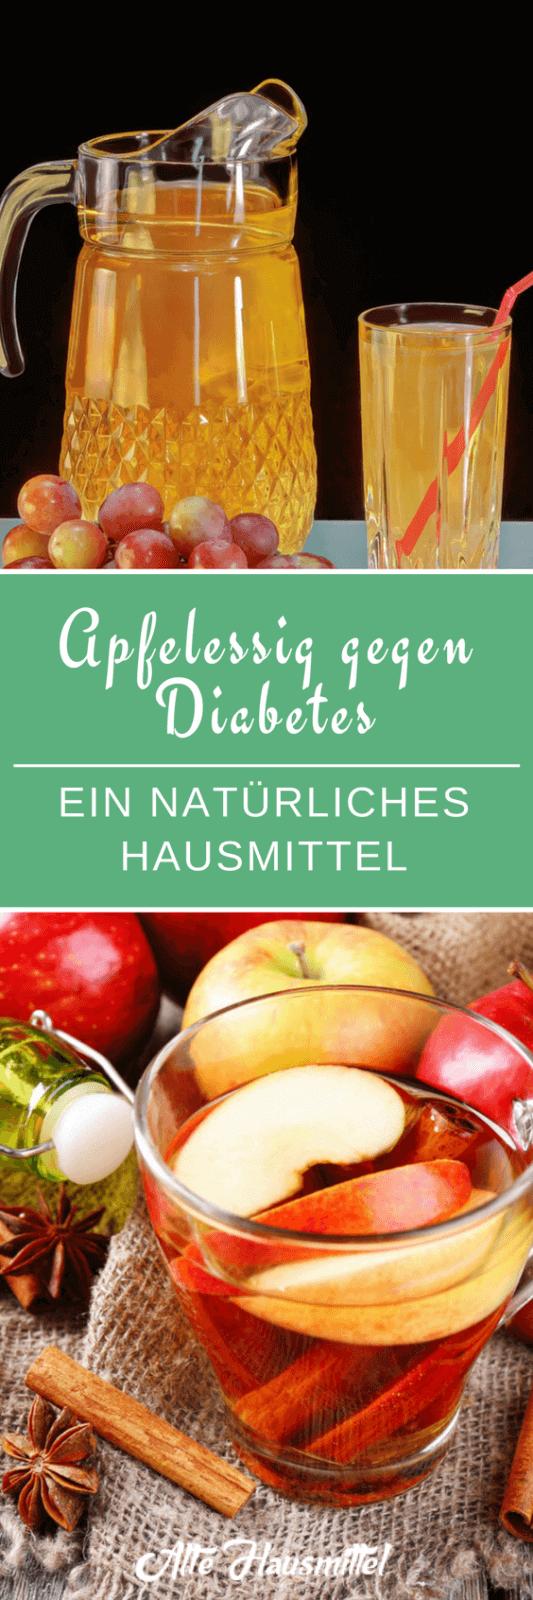 Apfelessig kann Ihnen bei Diabetes helfen ✅ Ich zeige warum und wie man Apfelessig gegen Diabetes erfolgreich anwenden kann ✅